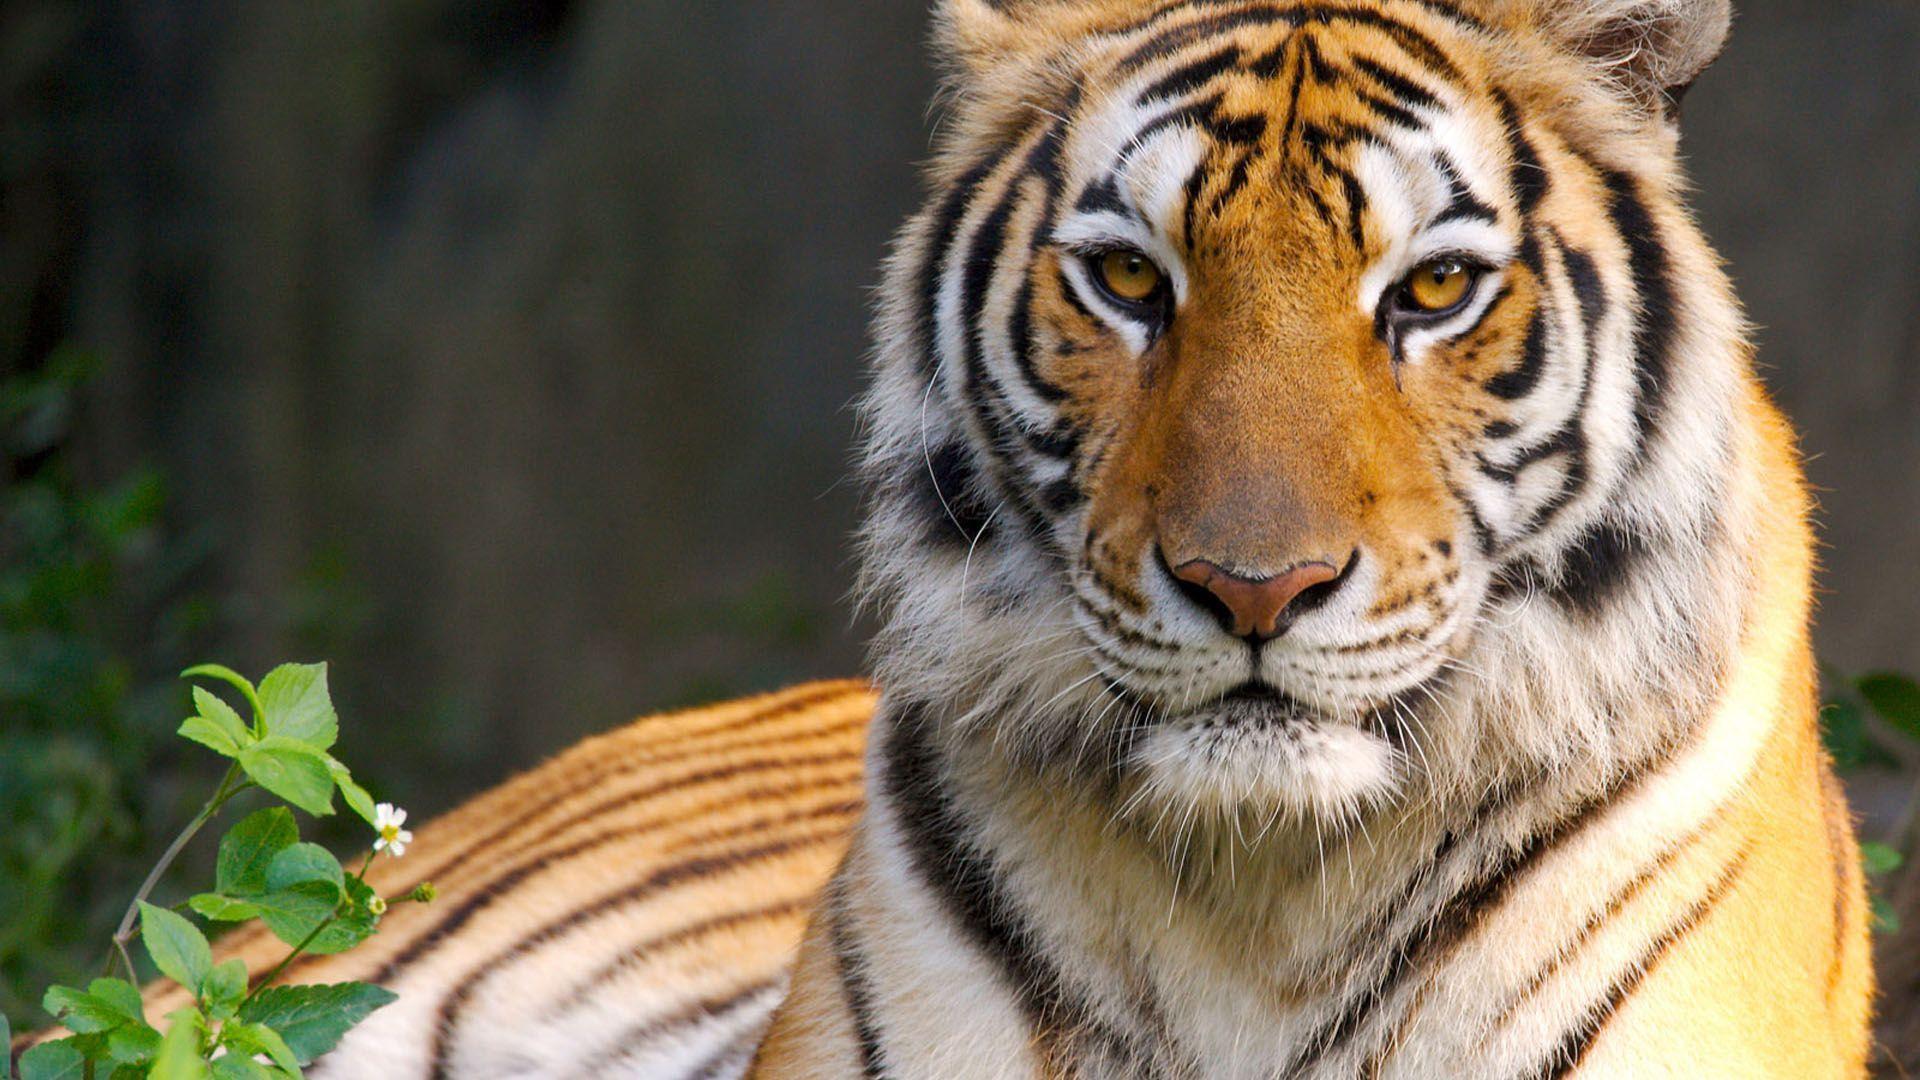 Tiger HD Wallpapers - Wallpaper Cave